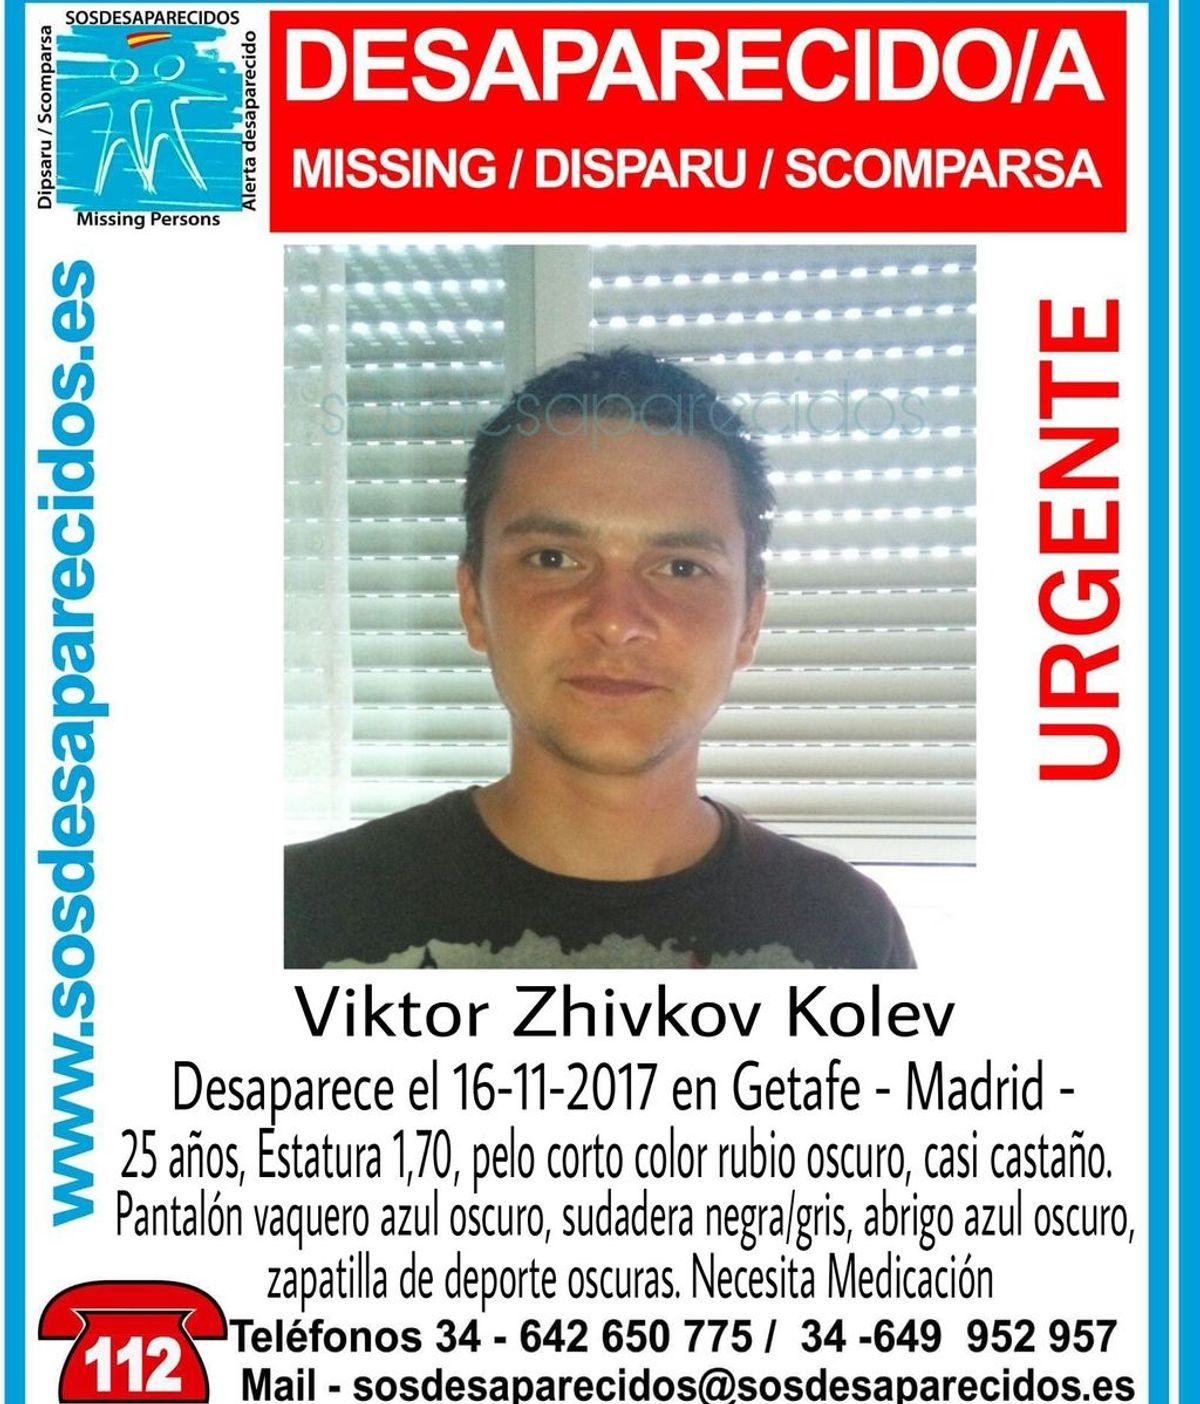 Buscan a un joven de 25 años desaparecido hace cuatro días en Getafe